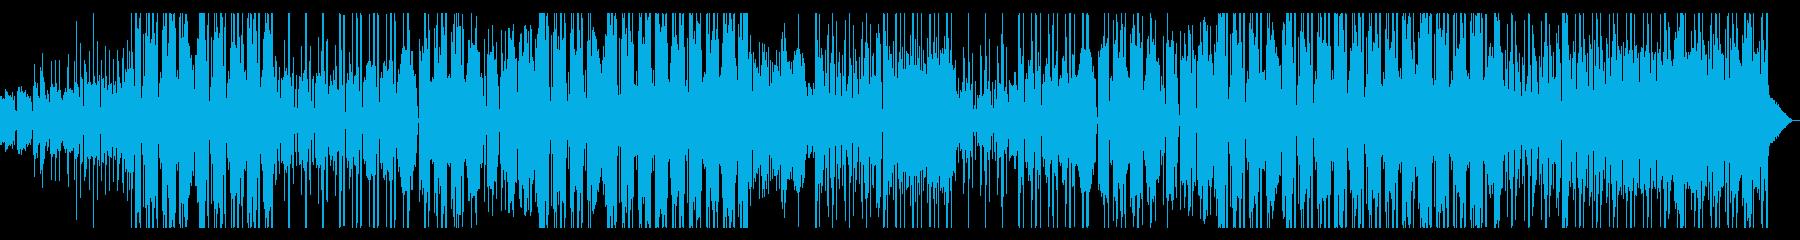 おしゃれ疾走感のシンセポップ・エレクトロの再生済みの波形